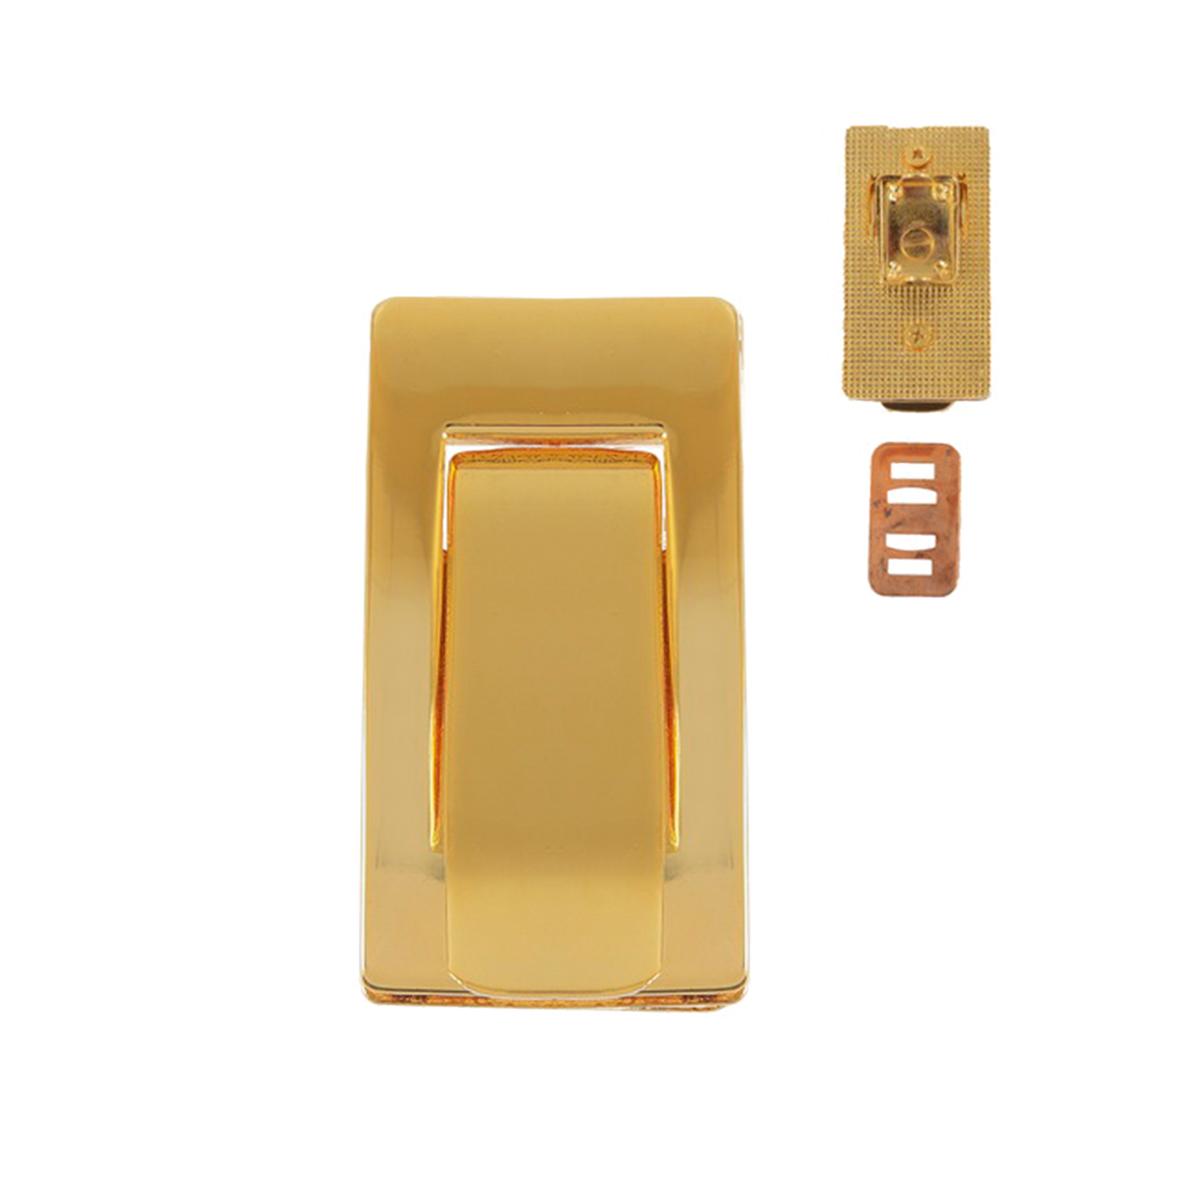 КД 0436 А Застежка 24*47мм, золото